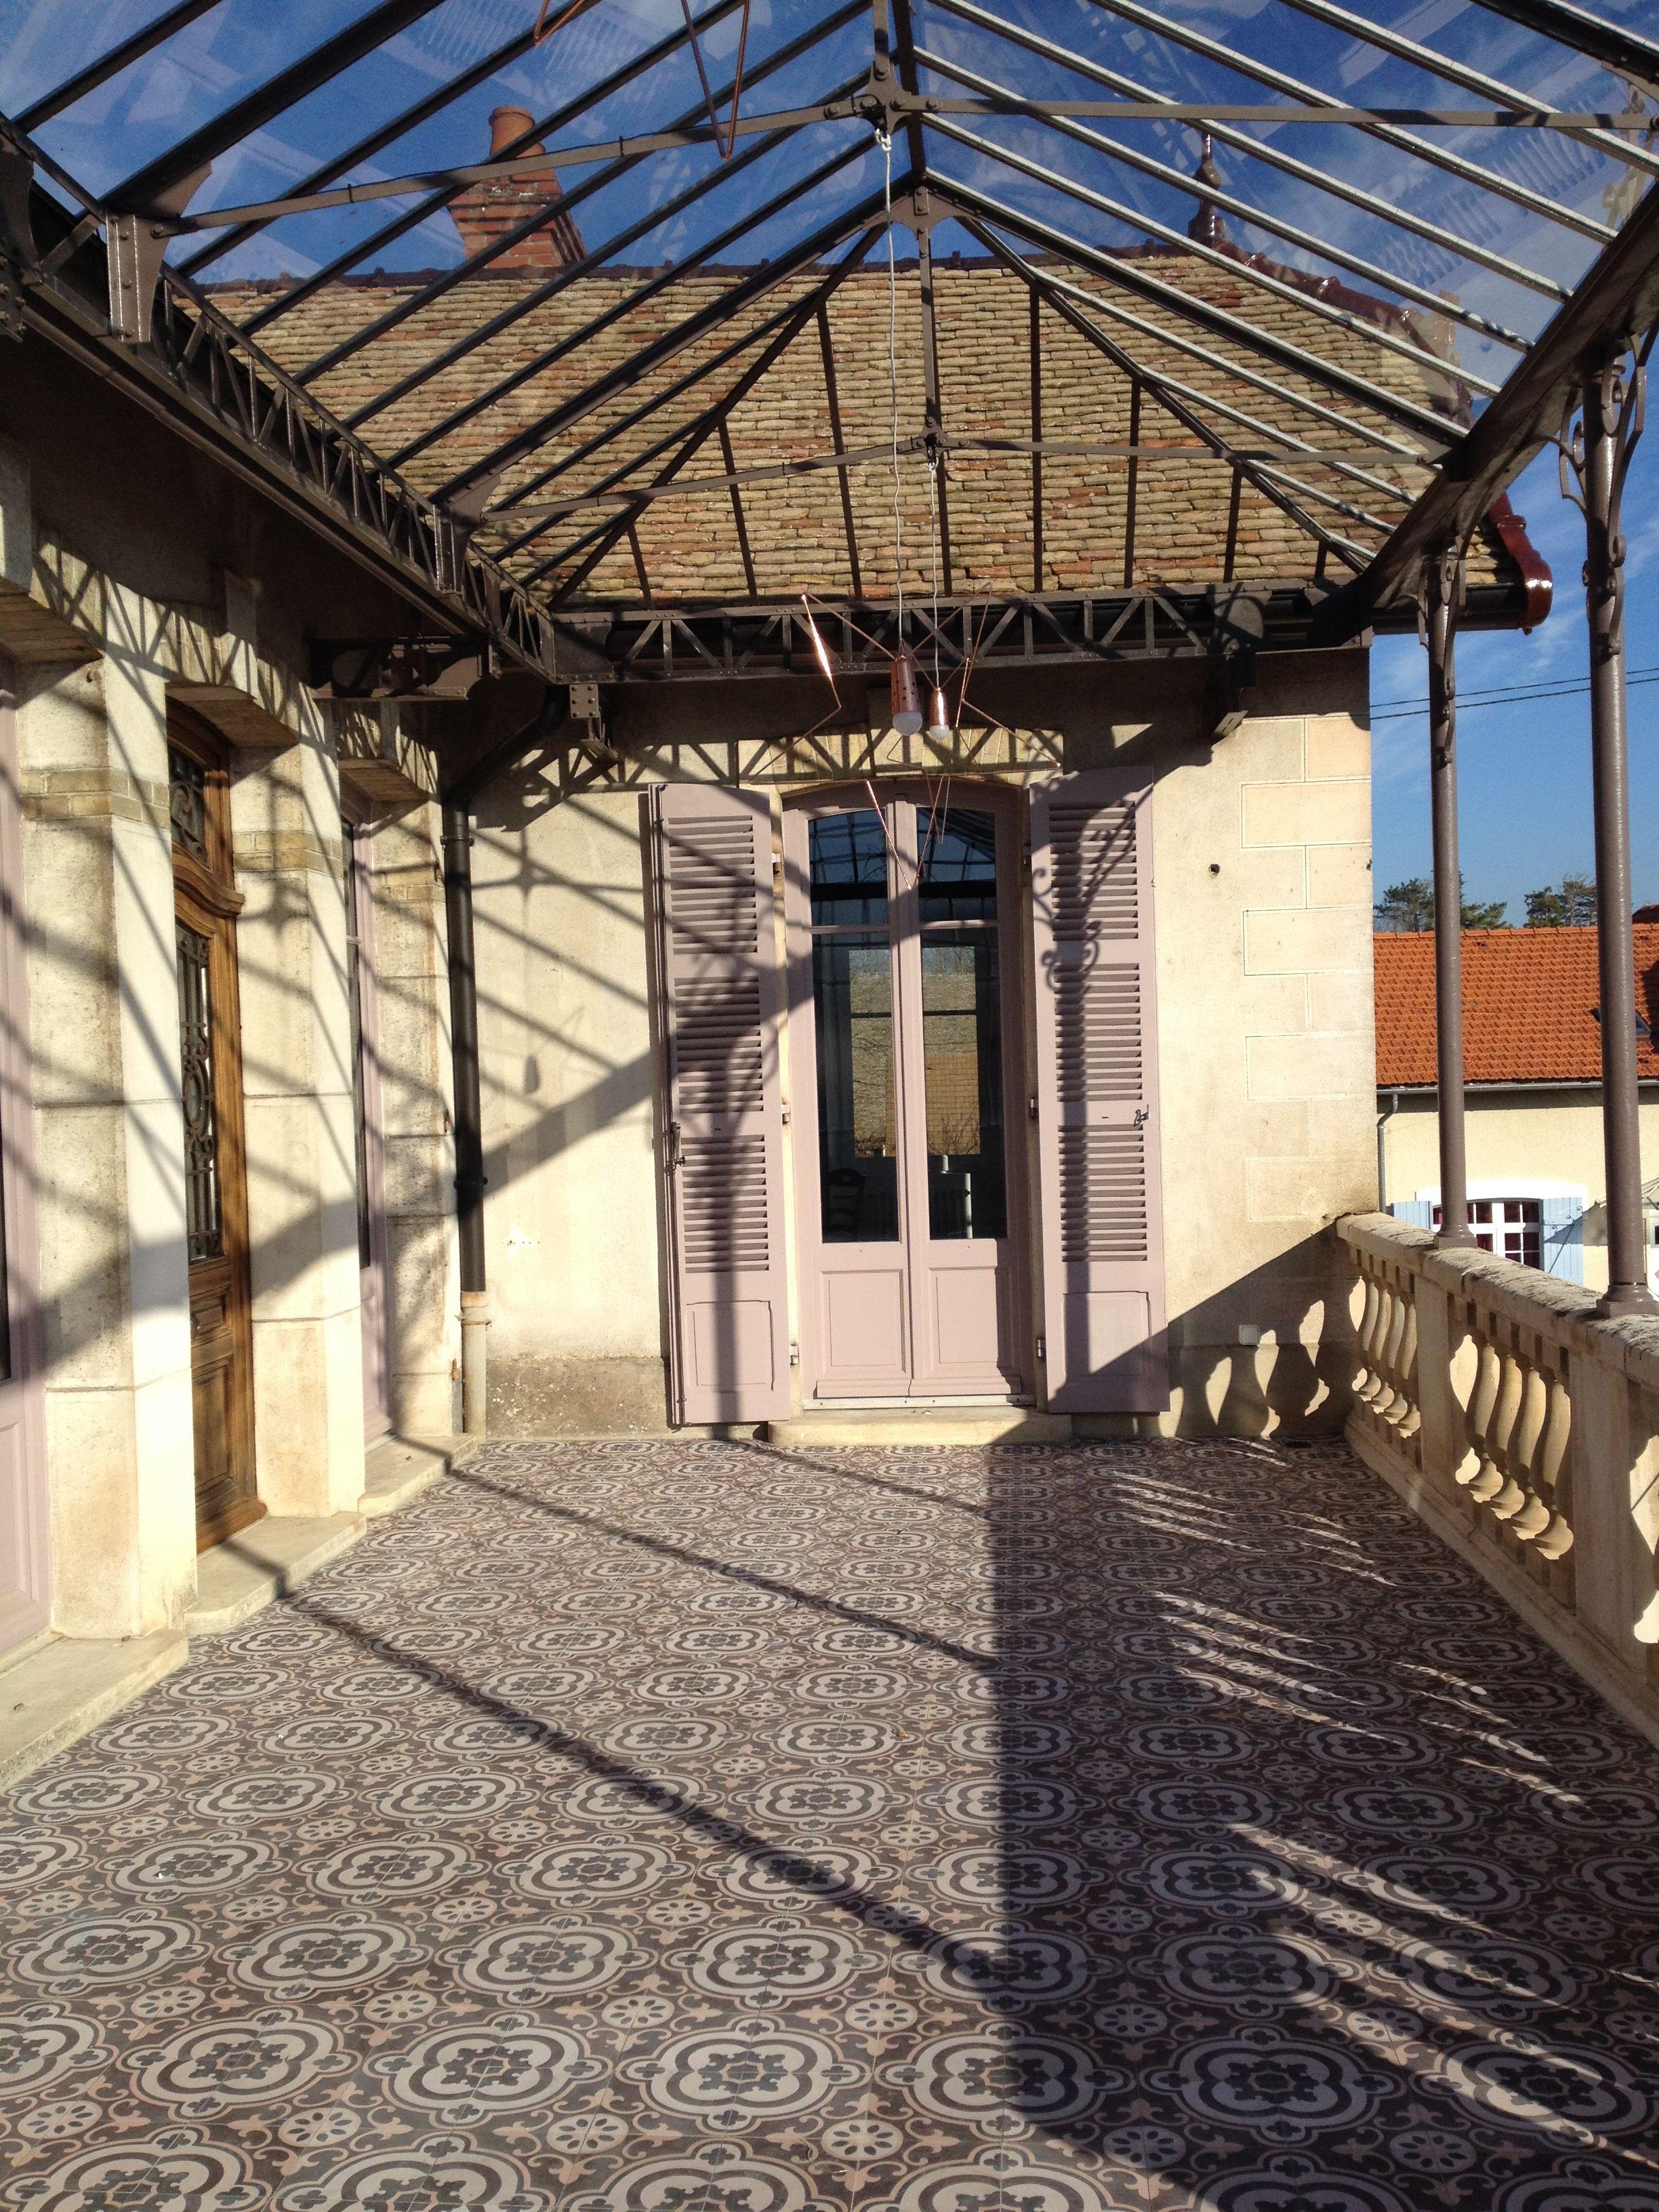 9fdc8b6aa88505335f238ea47c495d6a Incroyable De Deco Pour Terrasse Schème